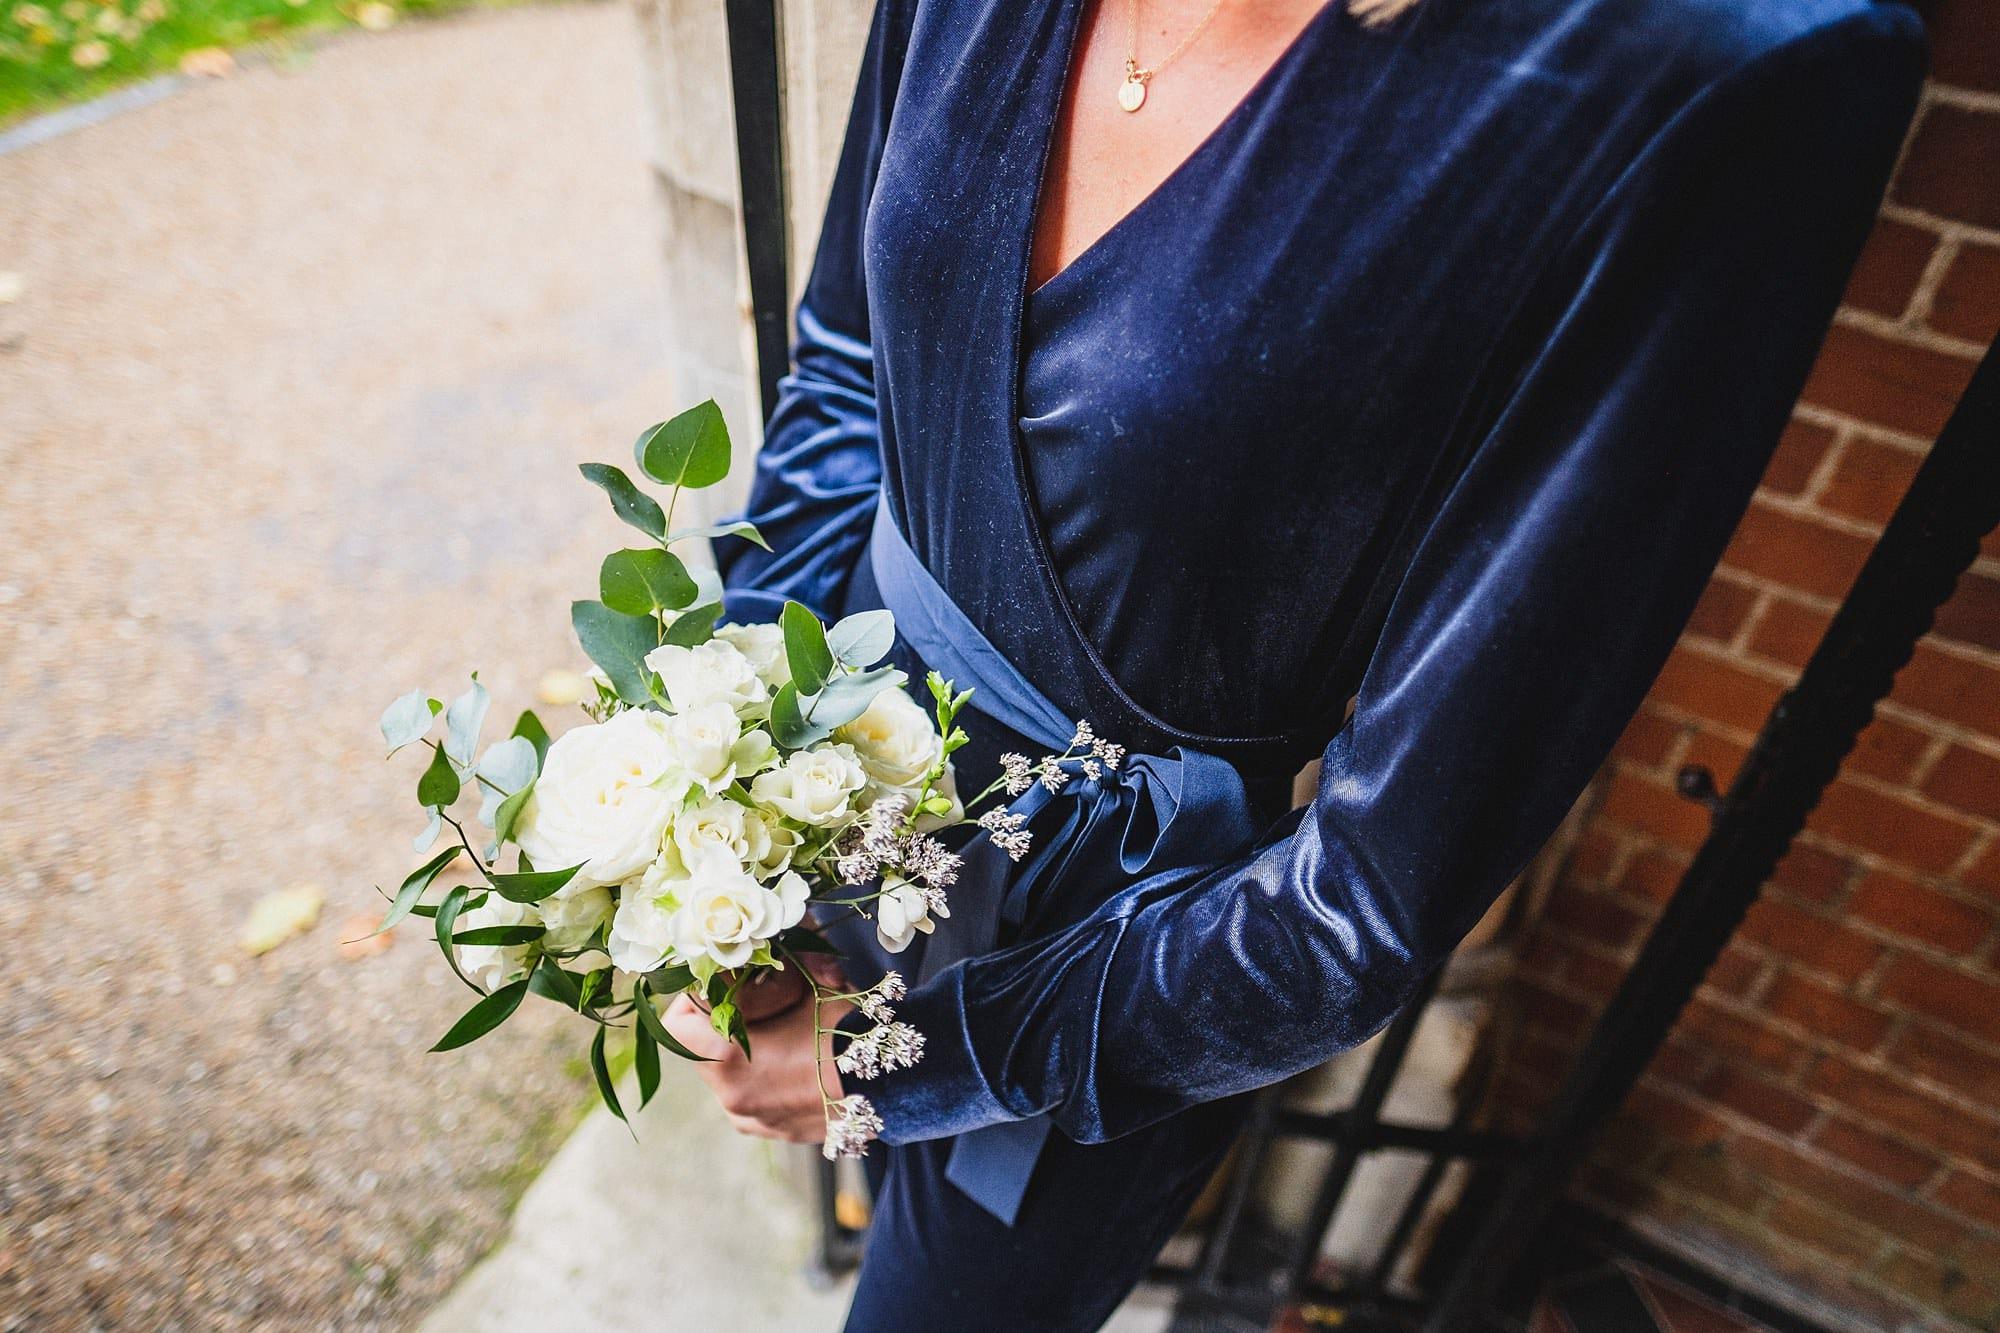 fulham palace wedding photographer ok 026 - Olivia + Kyle